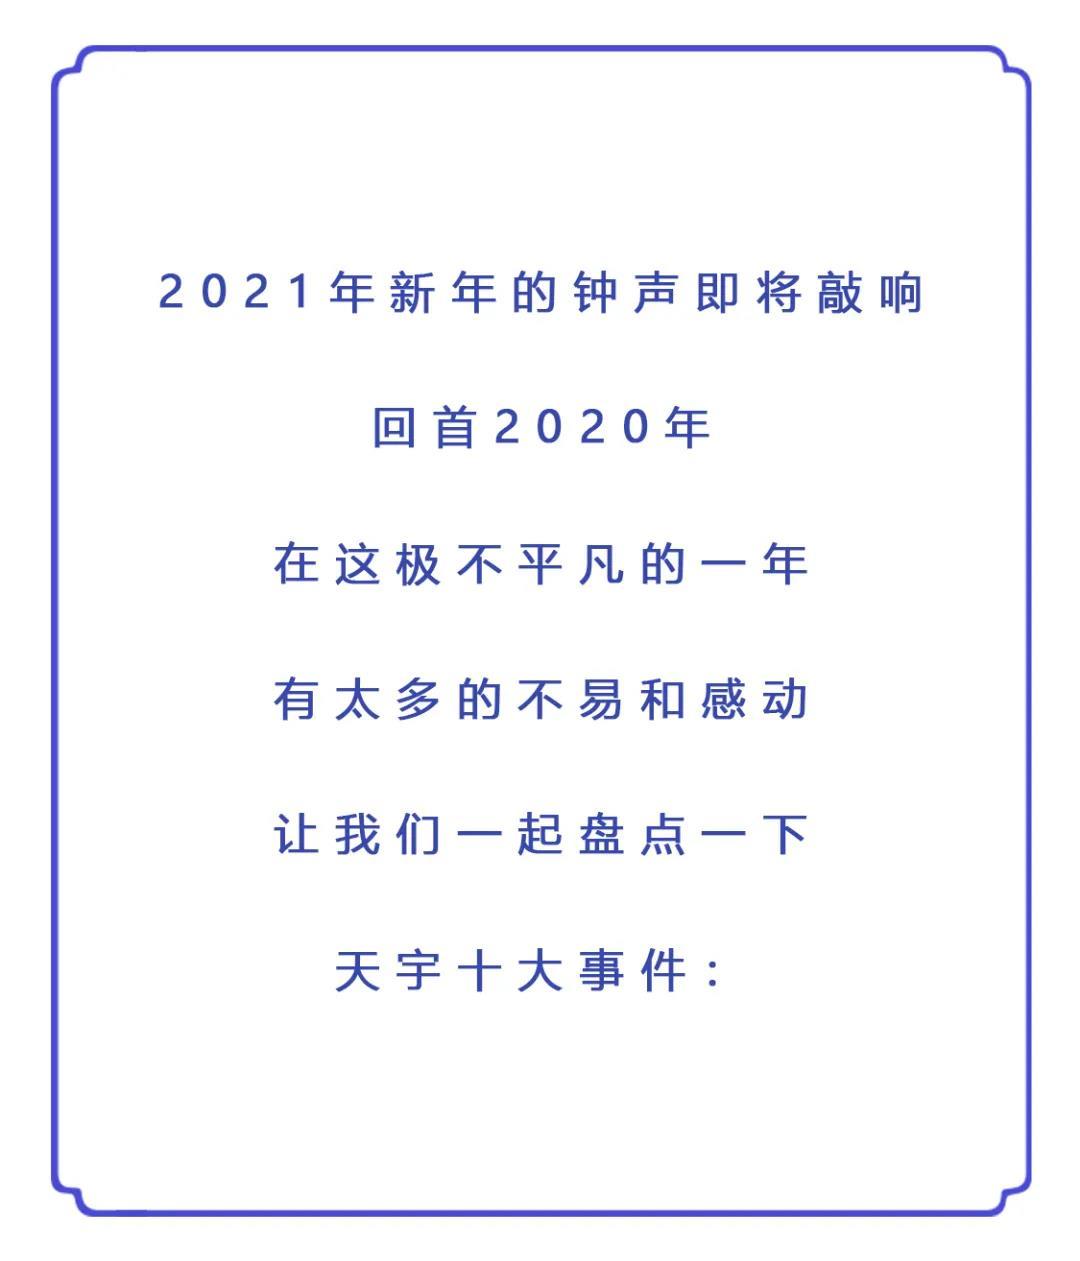 2020年天宇万博体育苹果下载地址工程咨询十大事件